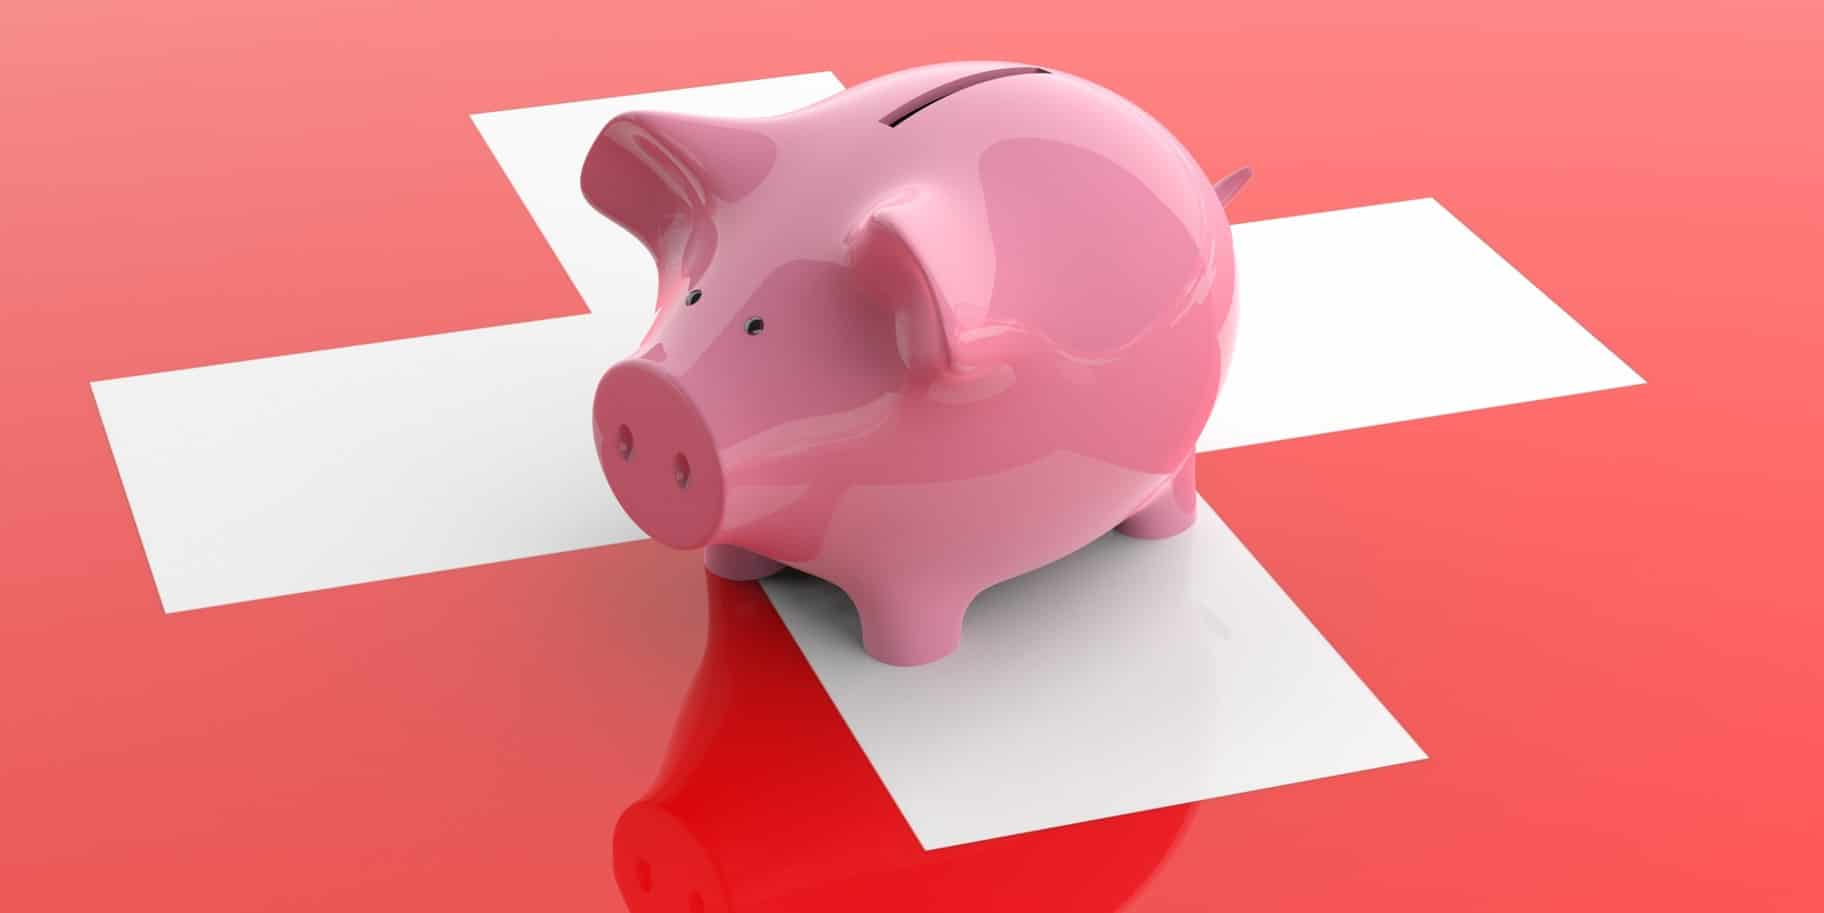 moneda estable - recaudación - contrato inteligente